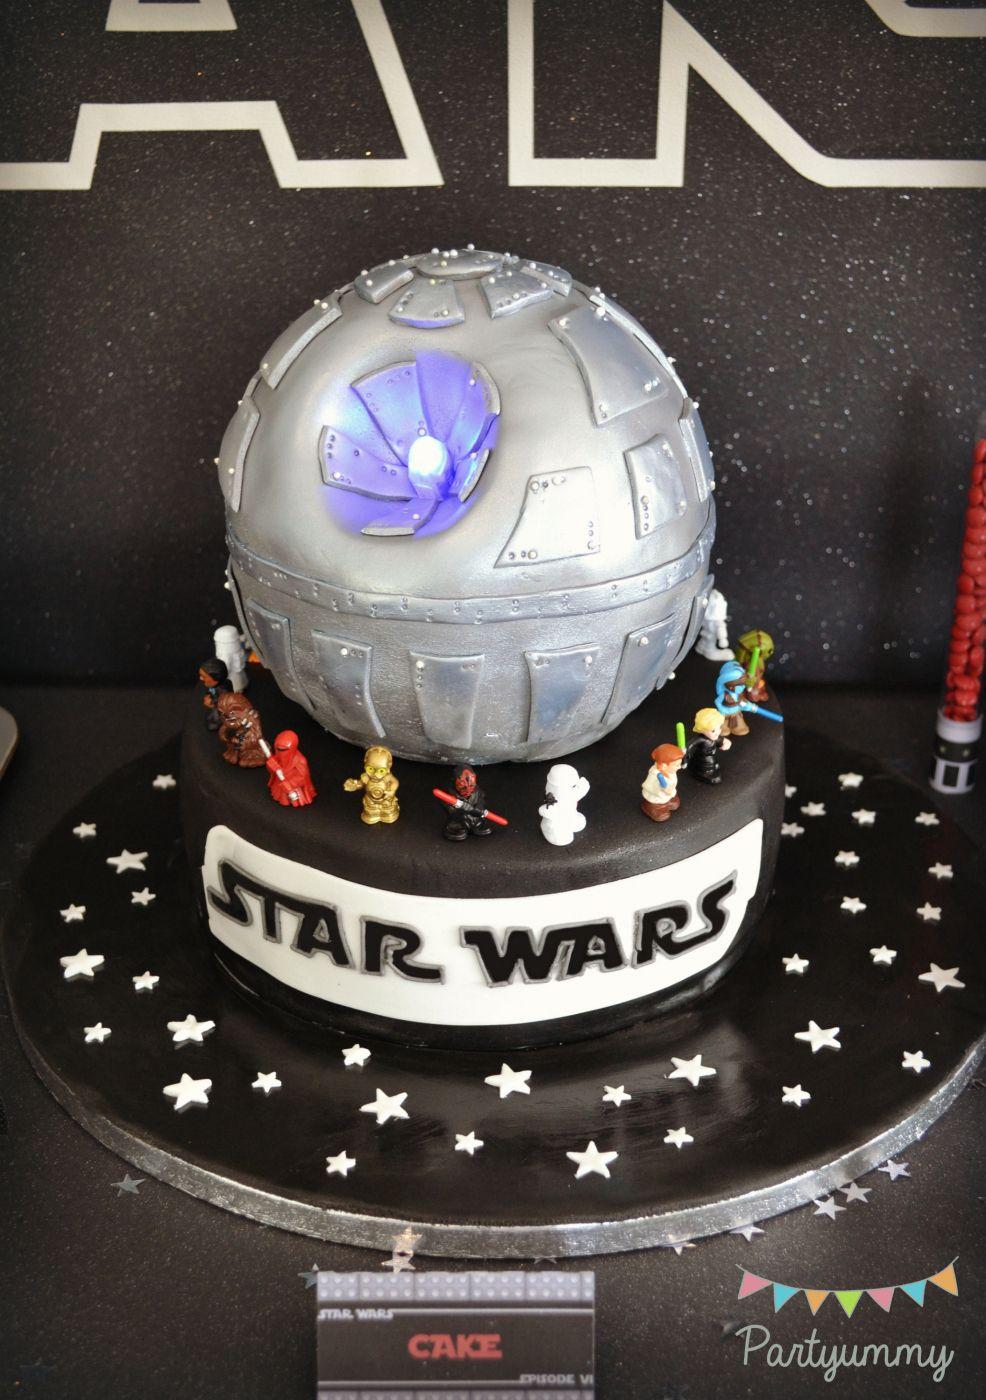 Super Tuto complet pour réaliser un Gâteau Star Wars étoile de la mort  KJ15